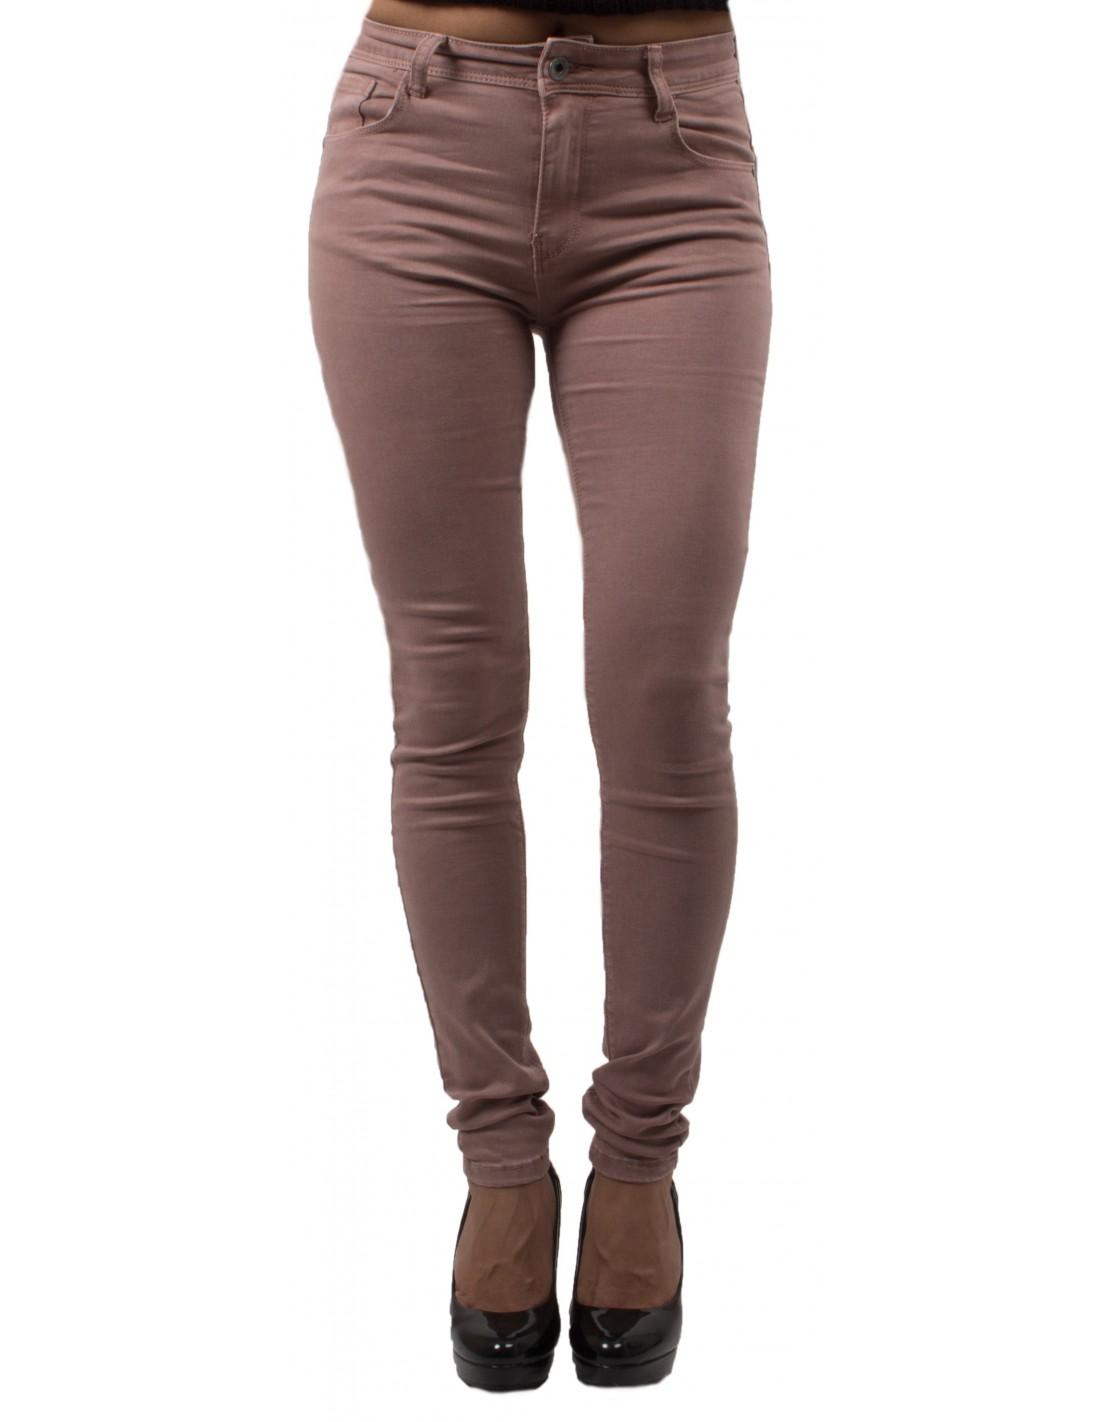 Jean slim rose femme taille haute ultra stretch - Jeaniful b85075fdb248